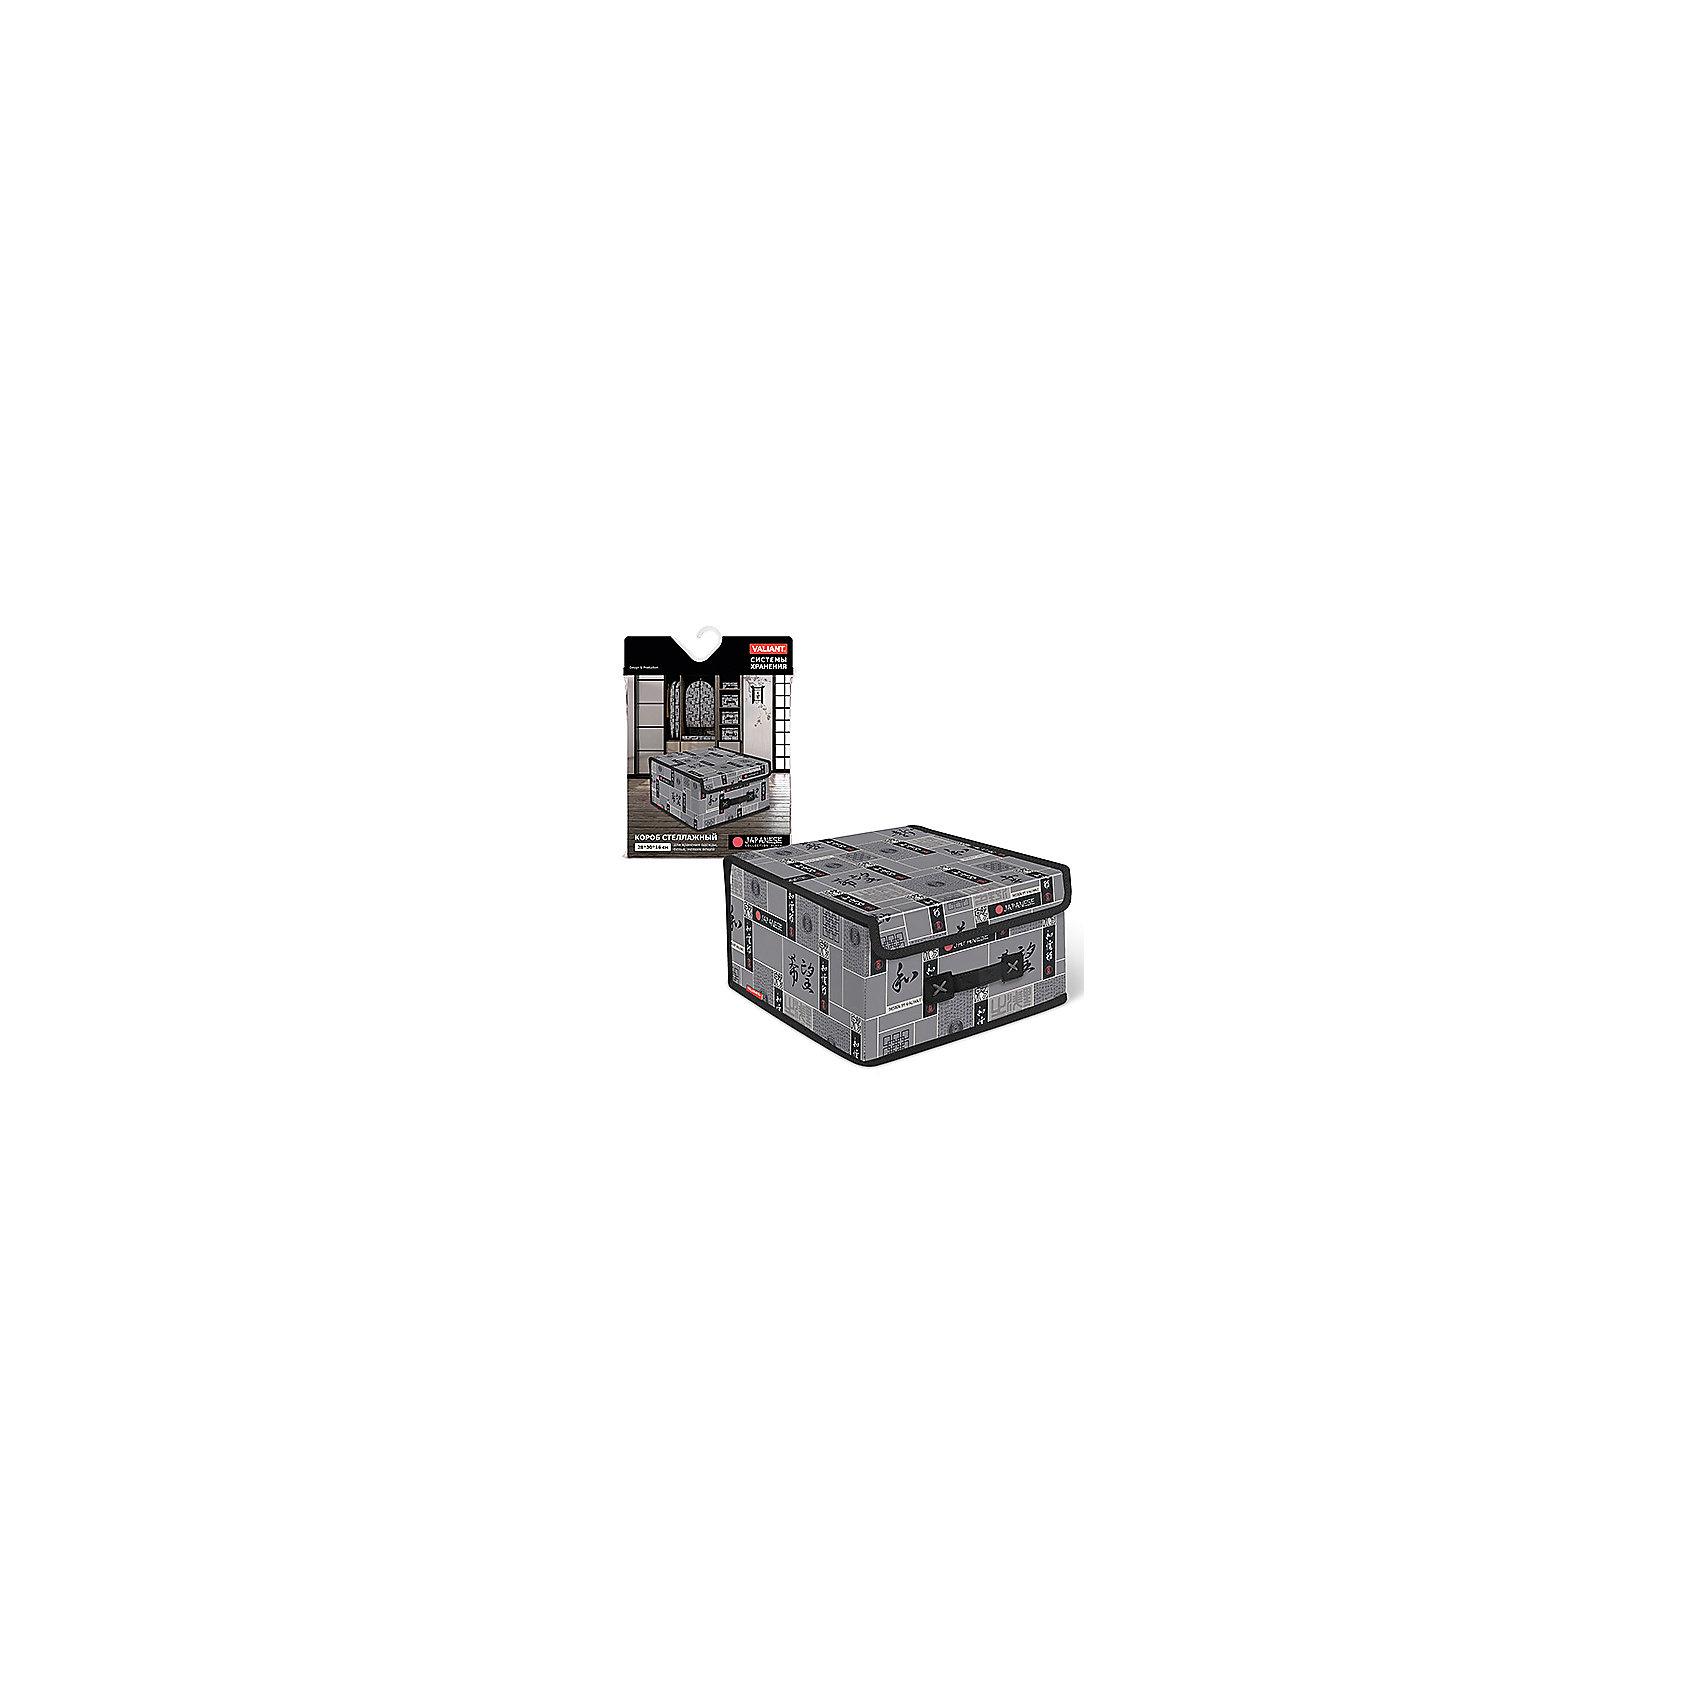 VALIANT Короб стеллажный с крышкой, малый, 28*30*16 см, JAPANESE BLACK, Valiant купить экран короб в спб адреса